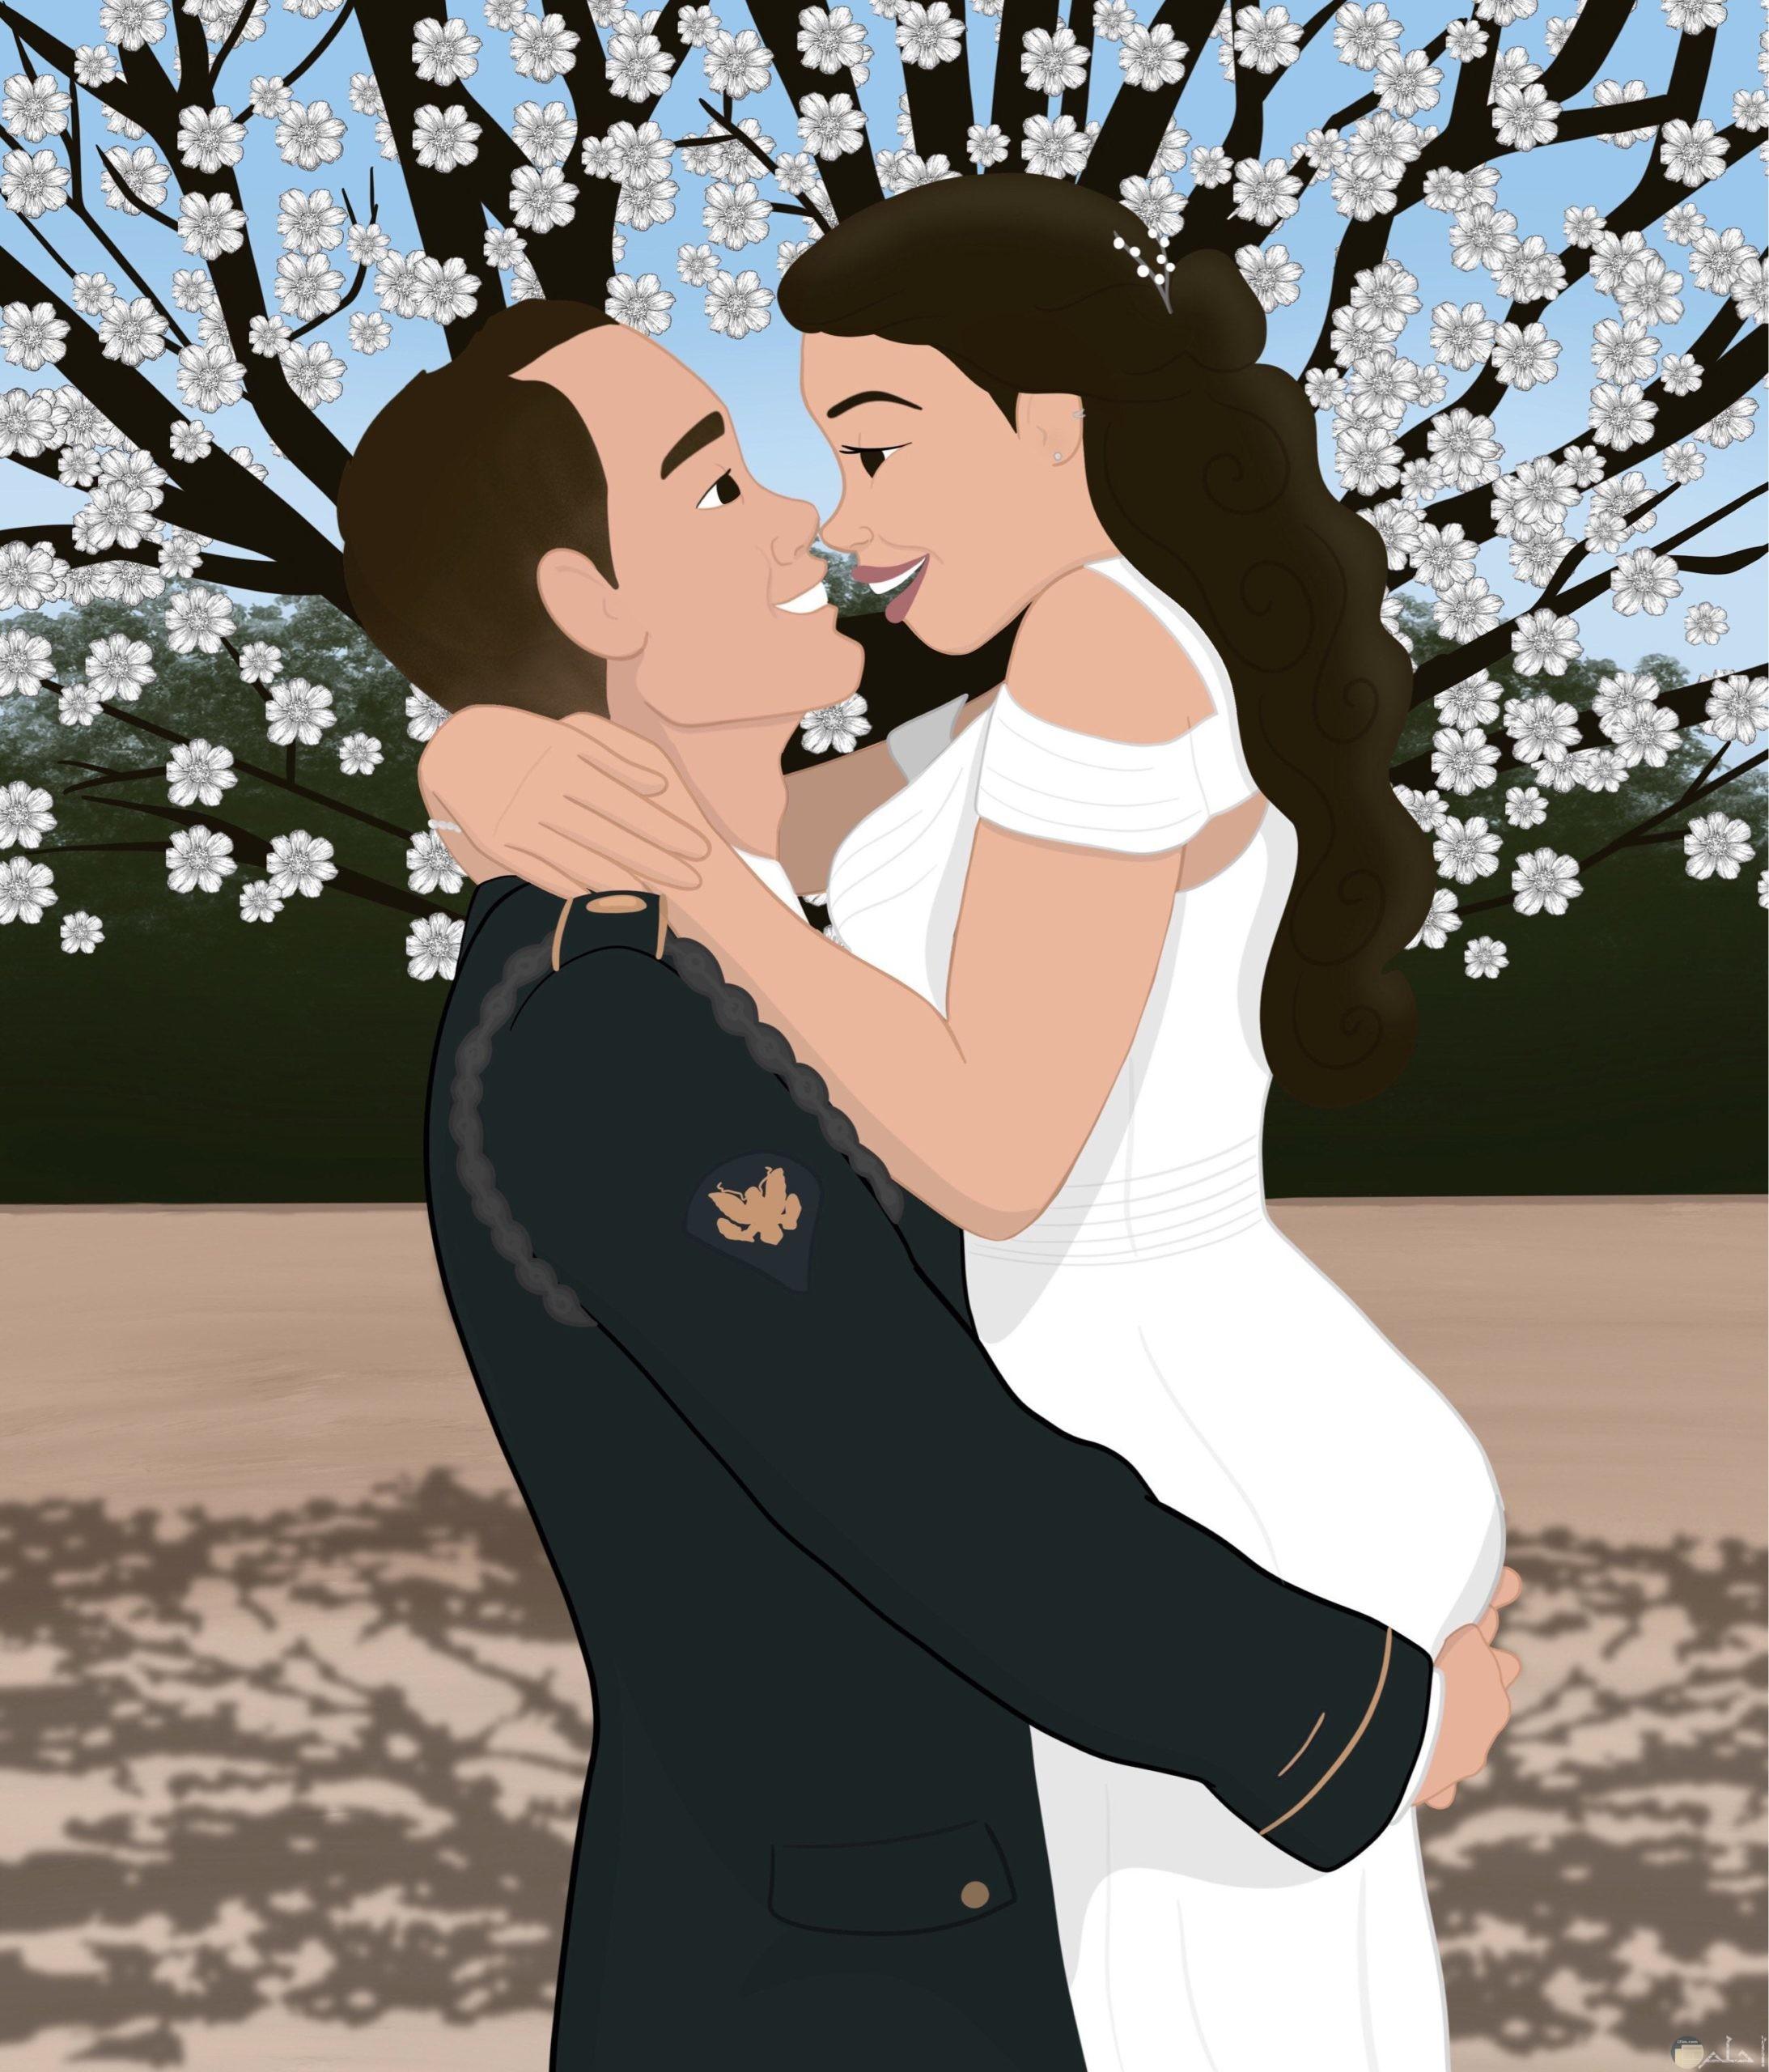 صورة لعريس يحمل عروسته.